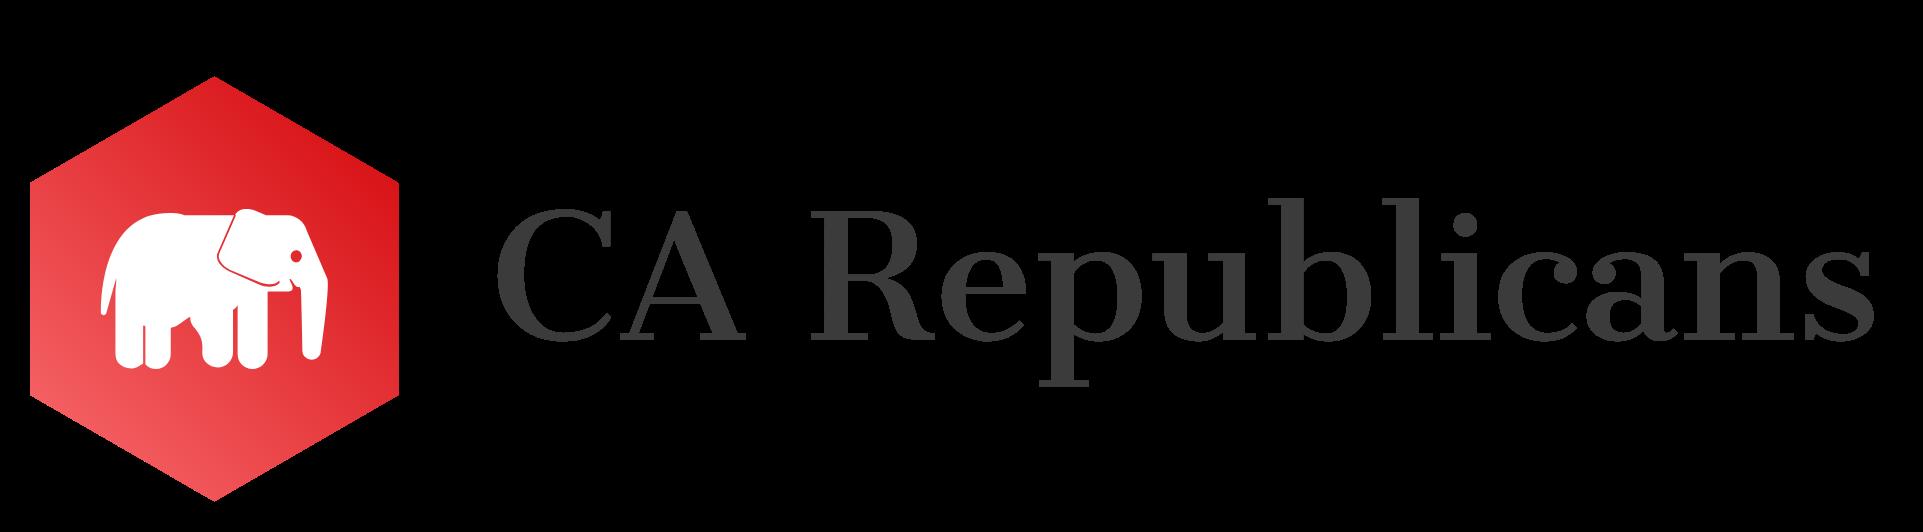 CA Republicans